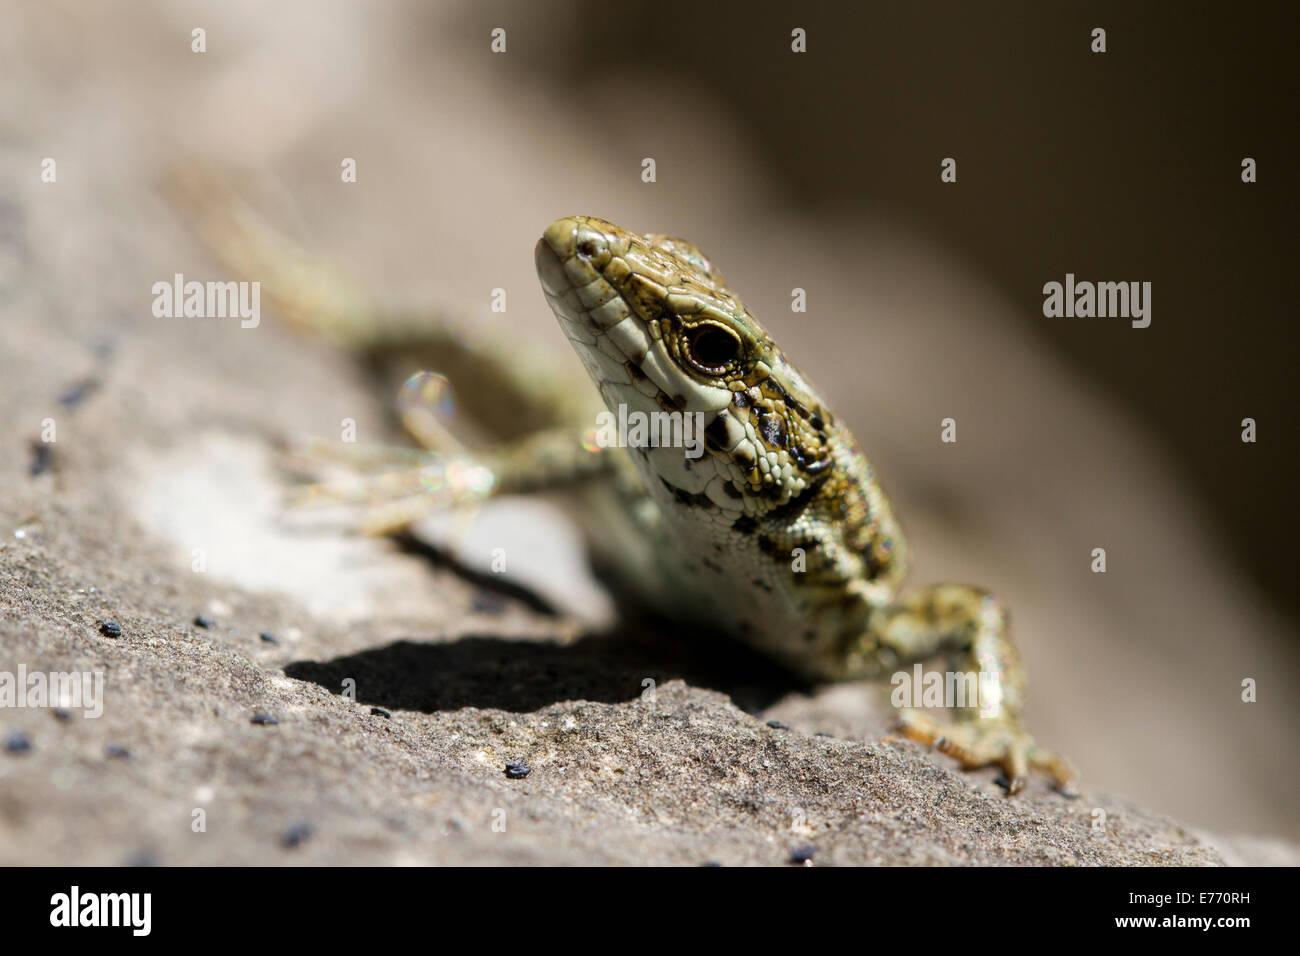 Gemeinsamen Mauereidechse (Podarcis Muralis) Nahaufnahme des Kopfes ein erwachsener Mann. Ariege Pyrenäen, Frankreich. Mai. Stockfoto